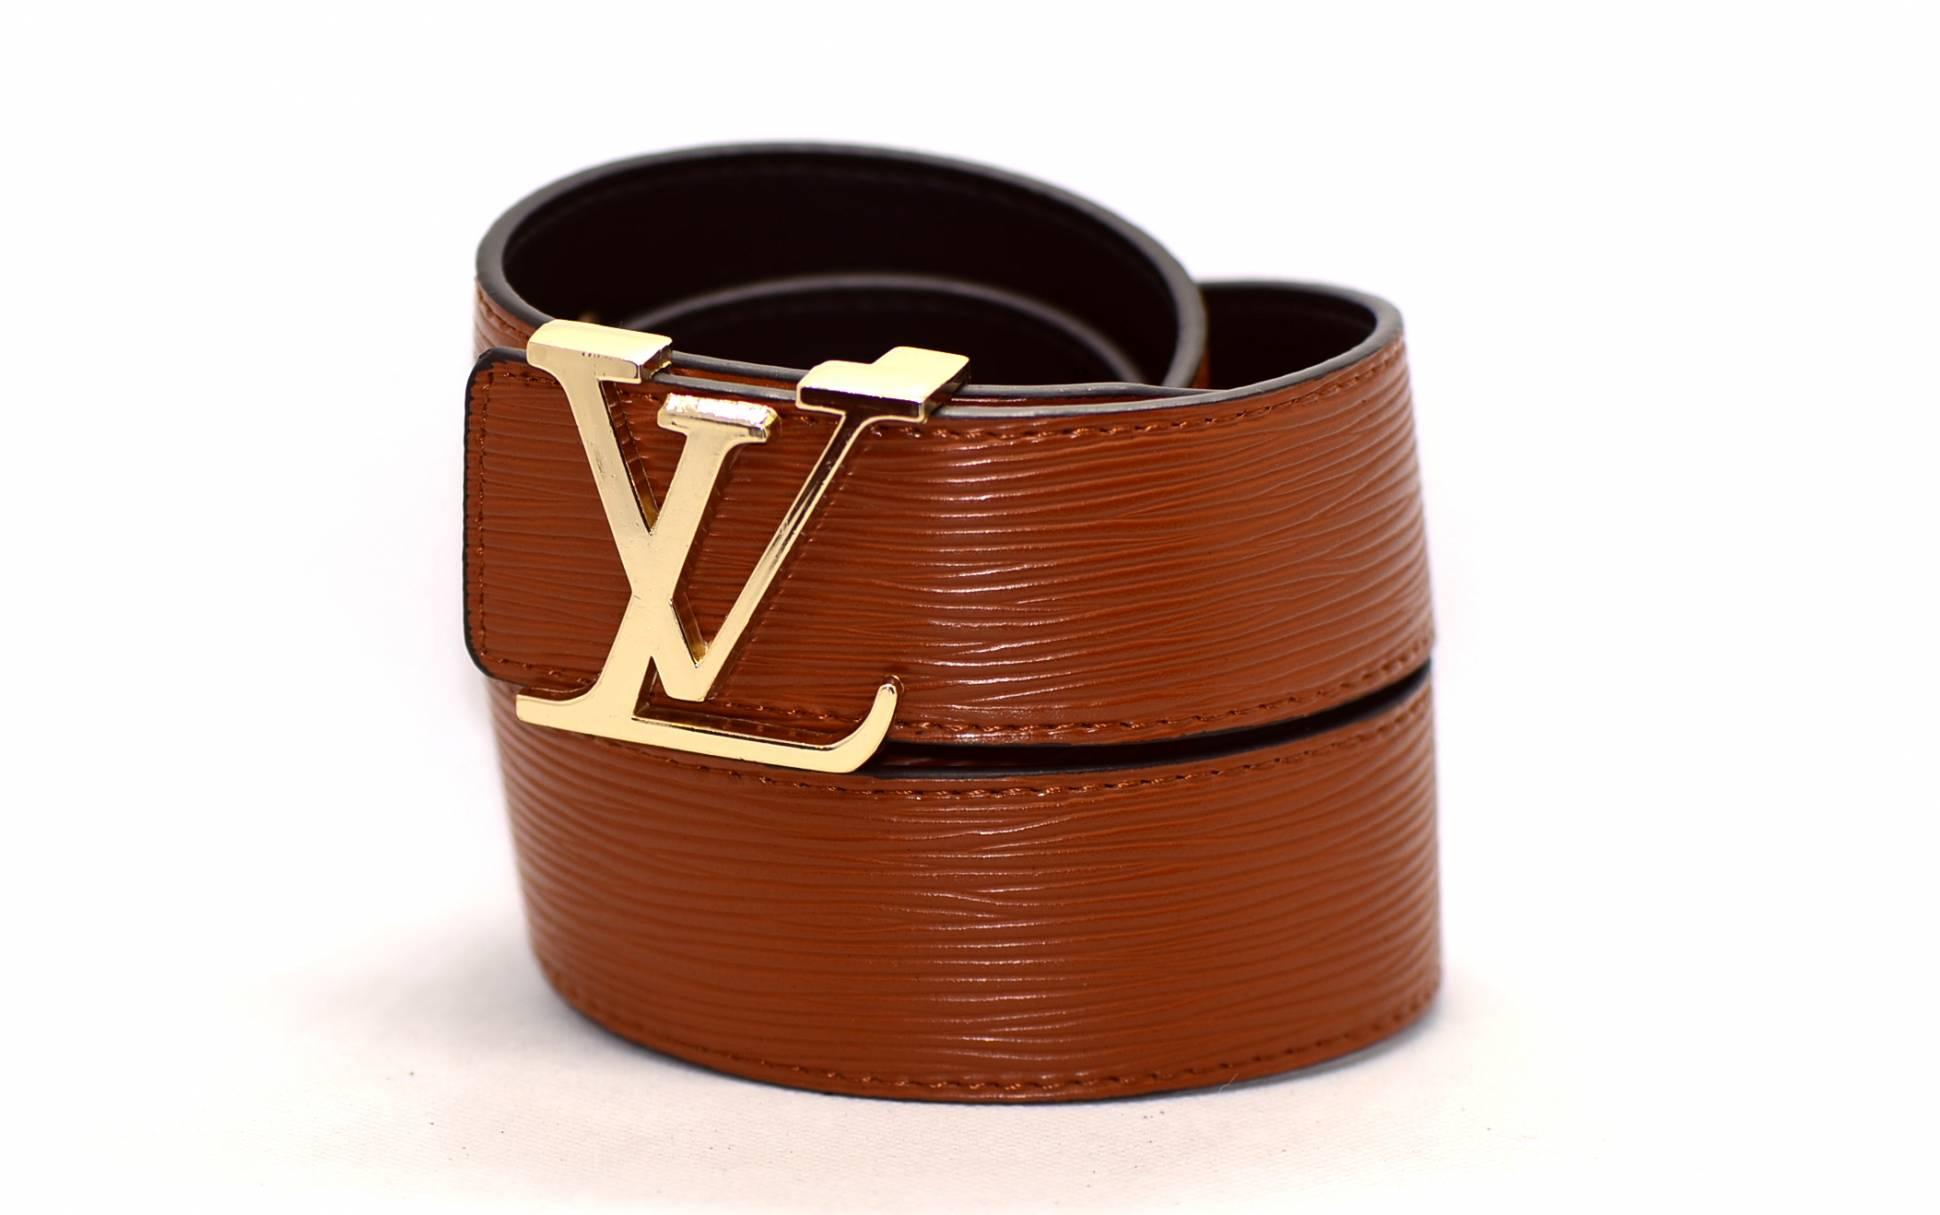 cb20560e67ac Женский ремень Luis Vuitton LV40W102z коричневый купить по цене 1 ...